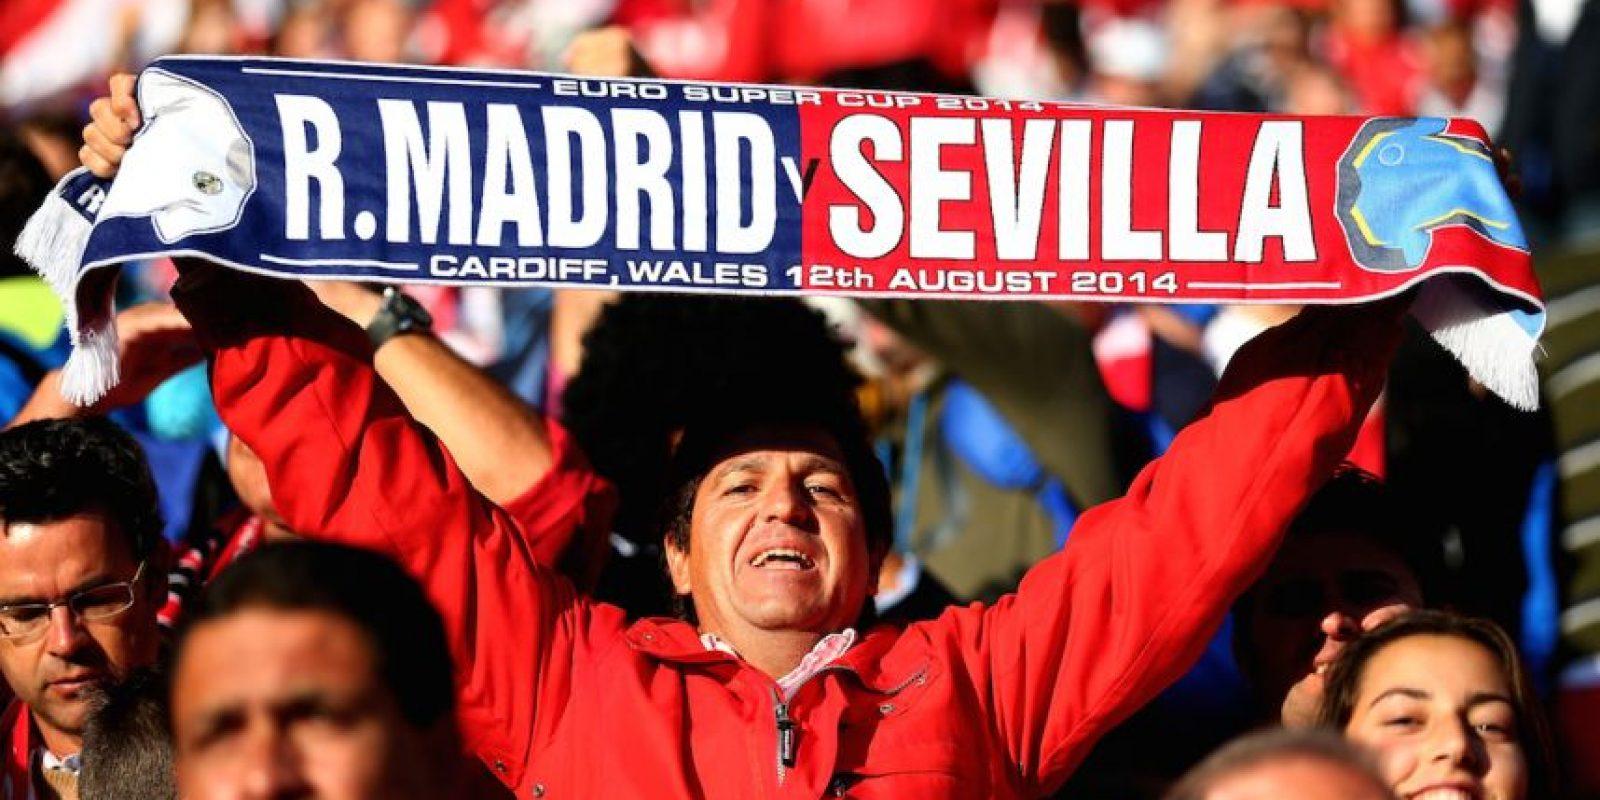 2. Esta será la tercera Supercopa de la UEFA disputada entre equipos españoles, tras 2006 y 2014. En todas ellas ha estado el Sevilla y sus rivales han sido Barcelona (2006 y 2015) y Real Madrid (2014). Foto:Getty Images